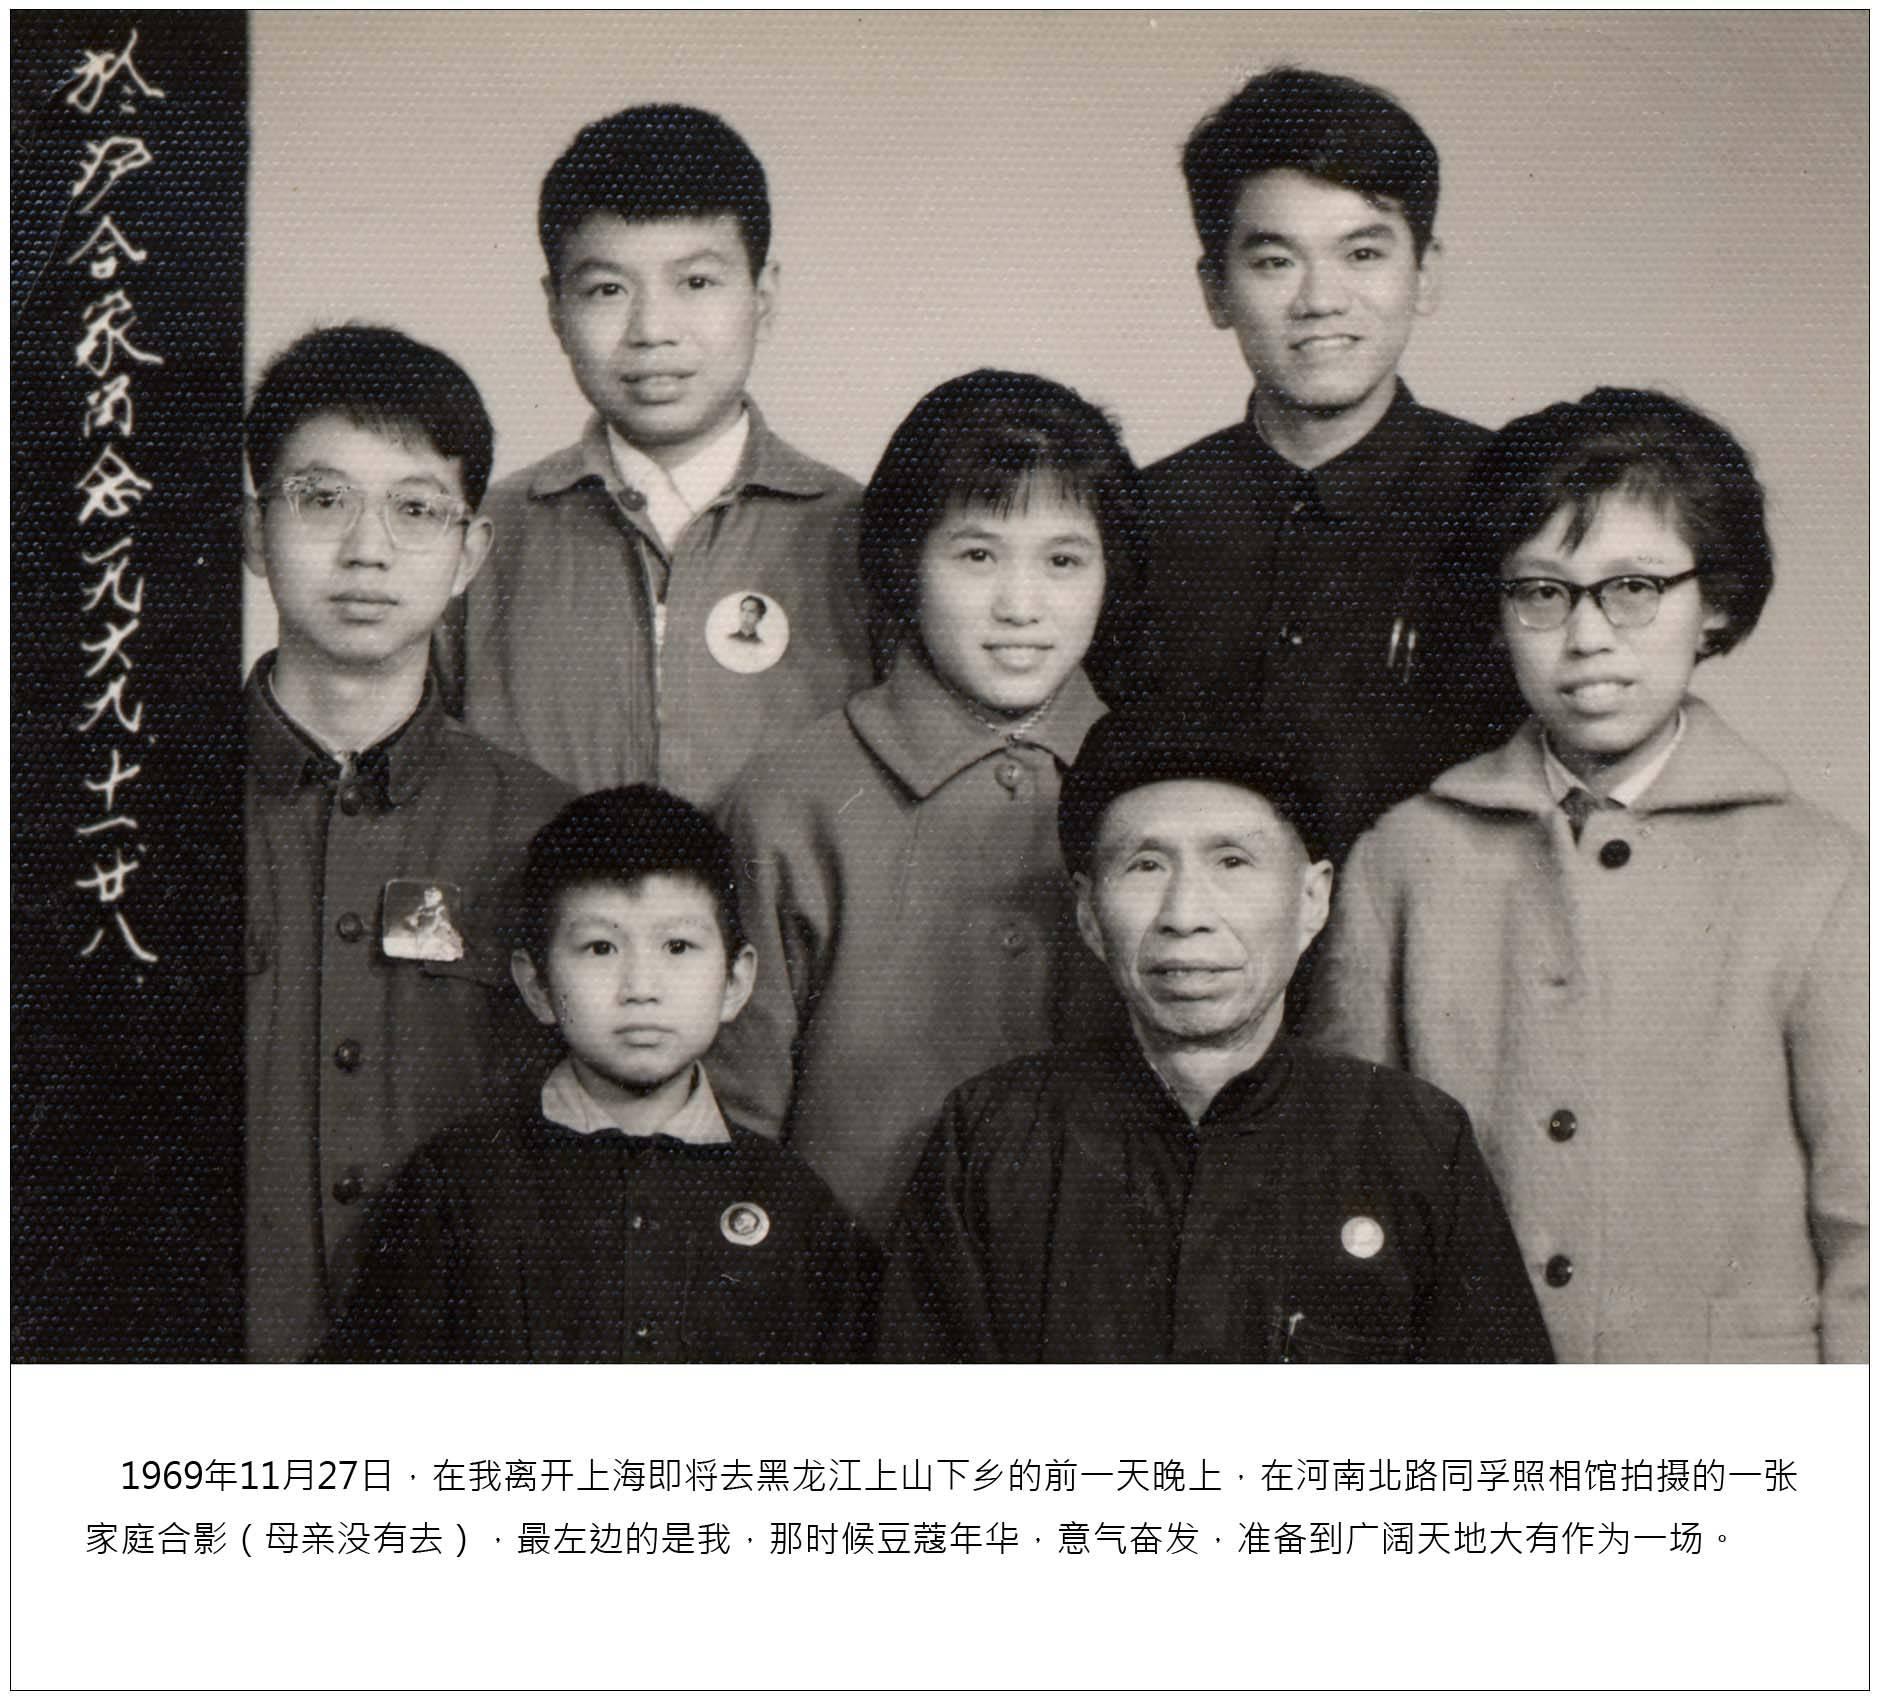 家庭相册⑫|1967-1974年,我的几张自拍照